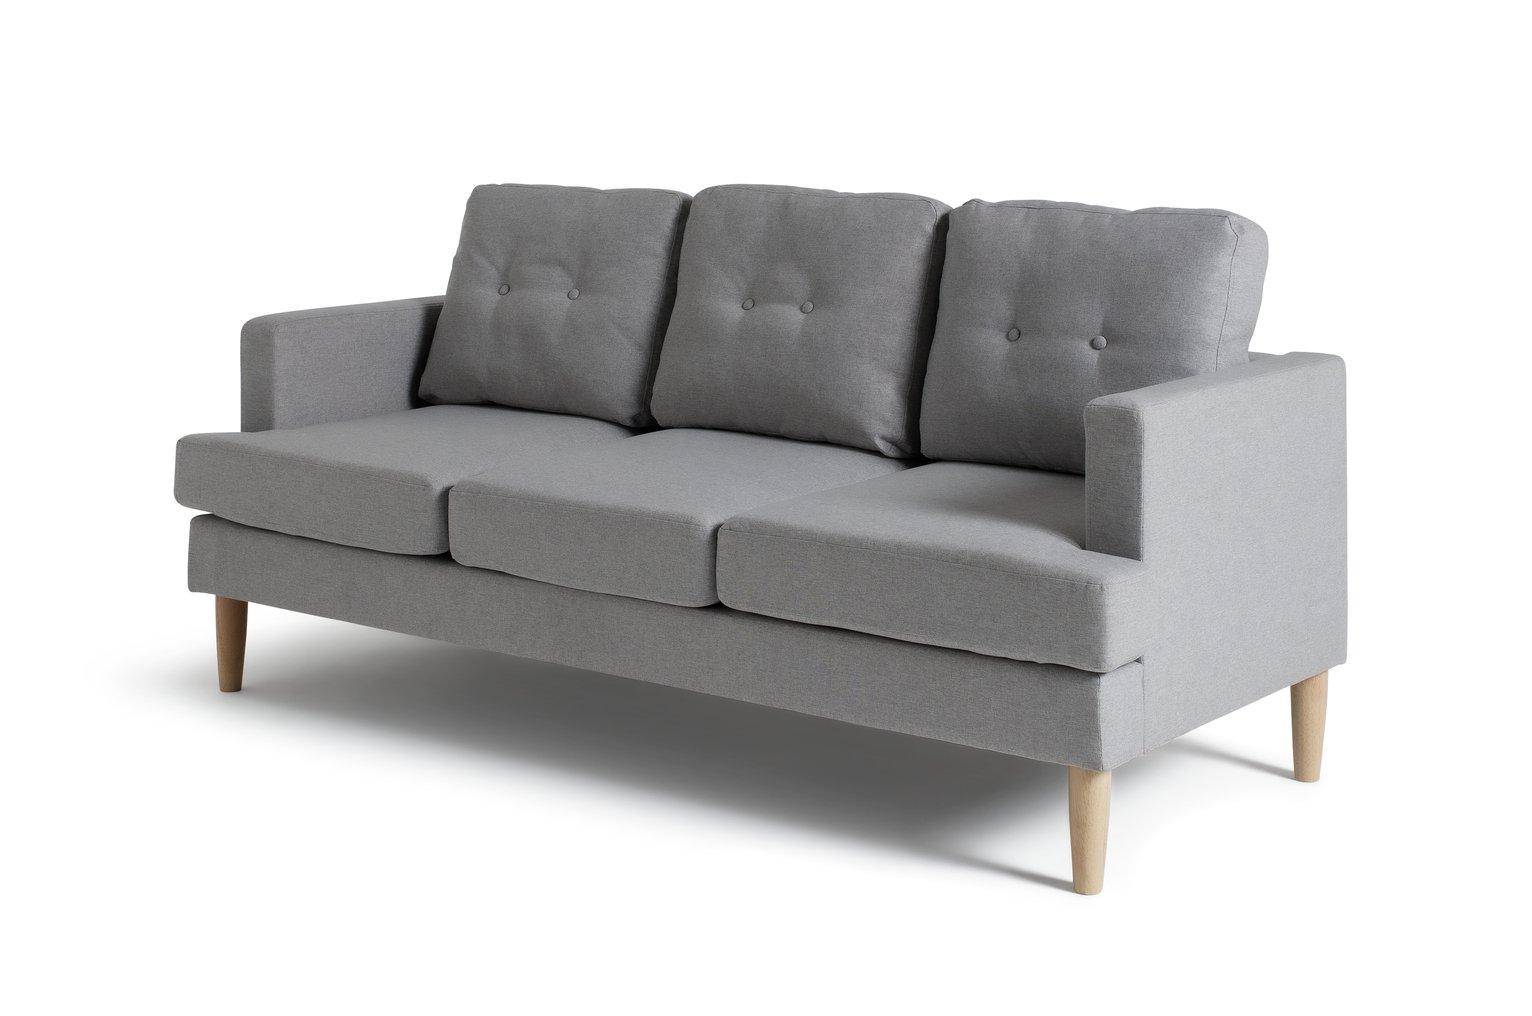 Habitat Joshua 3 Seater Fabric Sofa - Light Grey